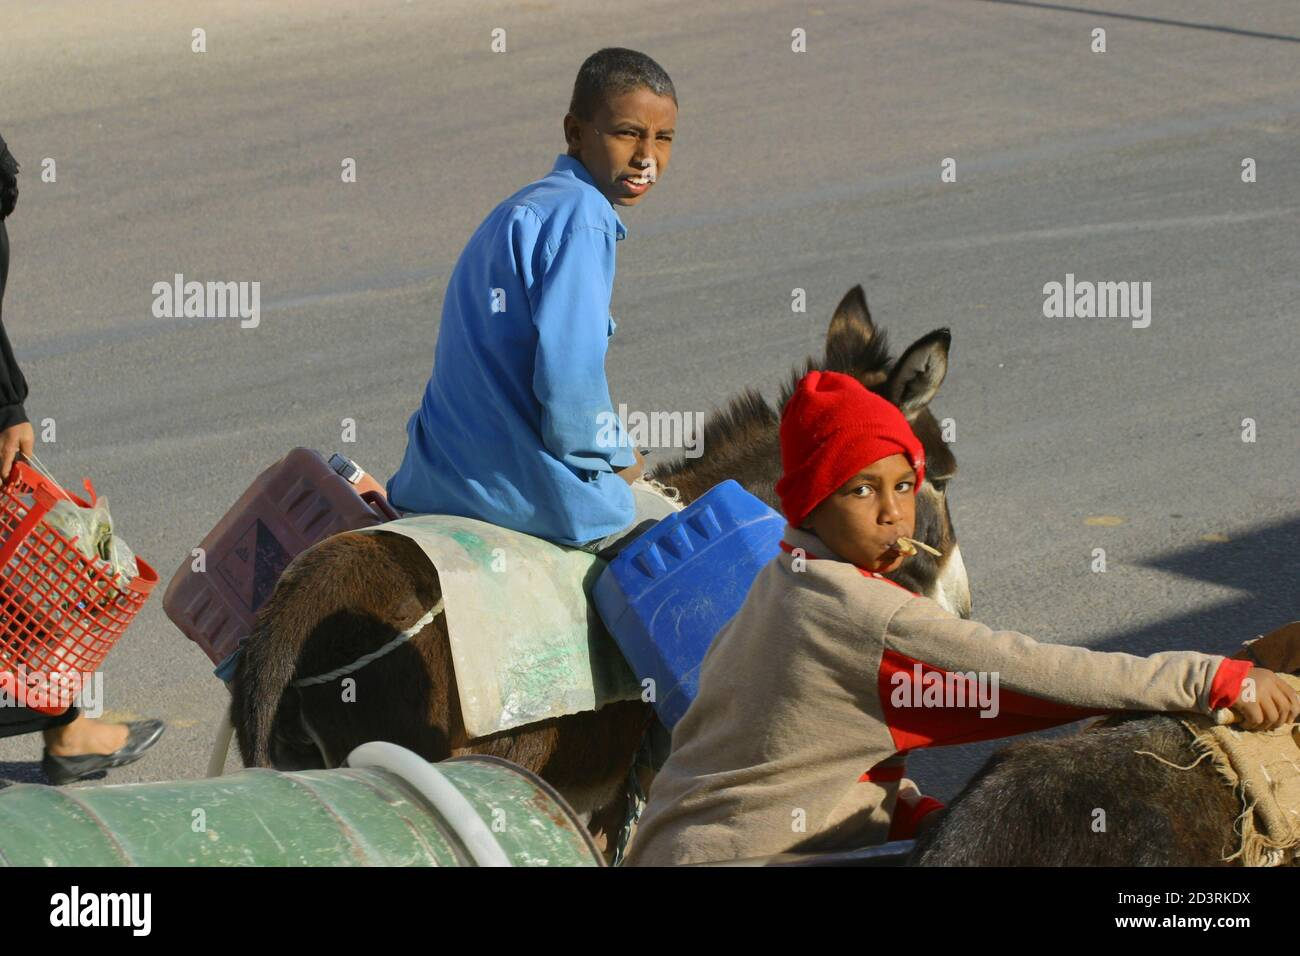 Deux garçons conduisant avec des ânes dans la rue Banque D'Images